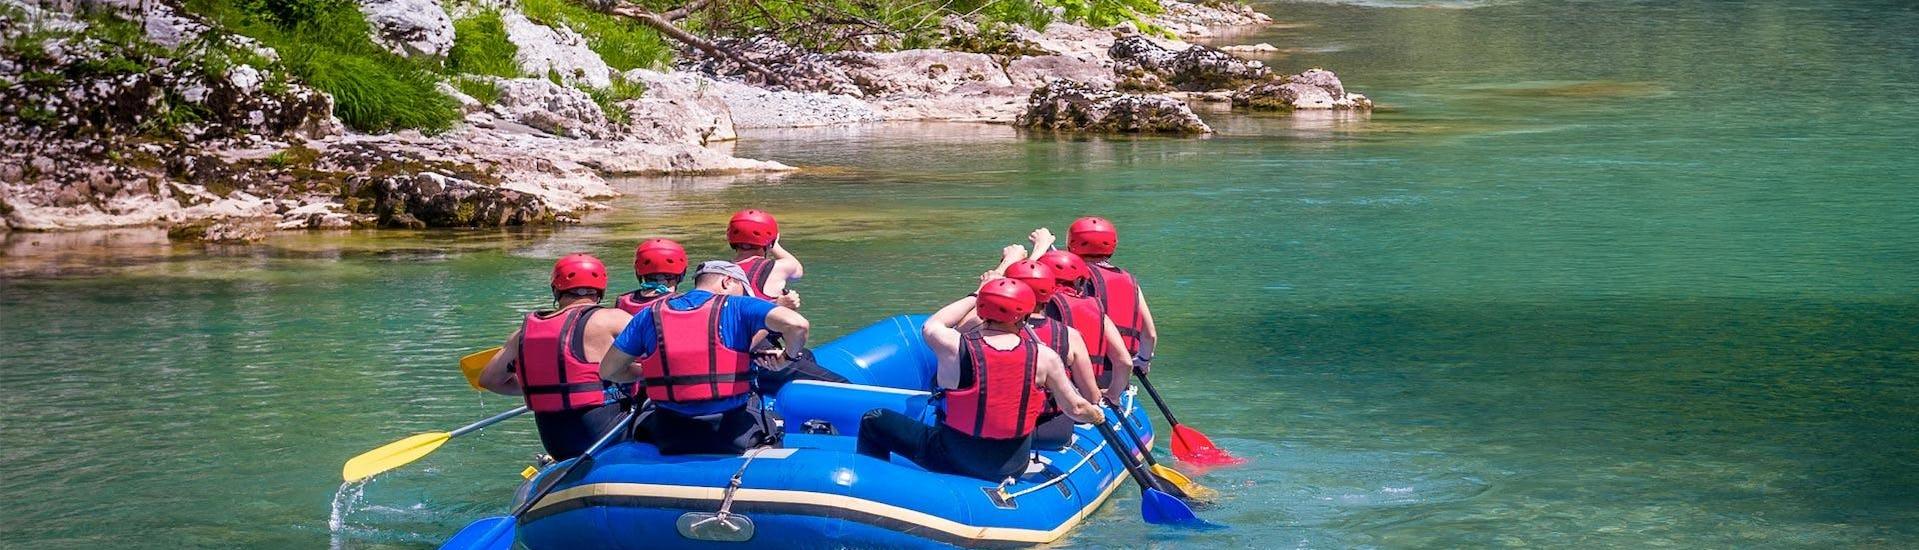 rafting-gorges-sarine-valrafting-hero